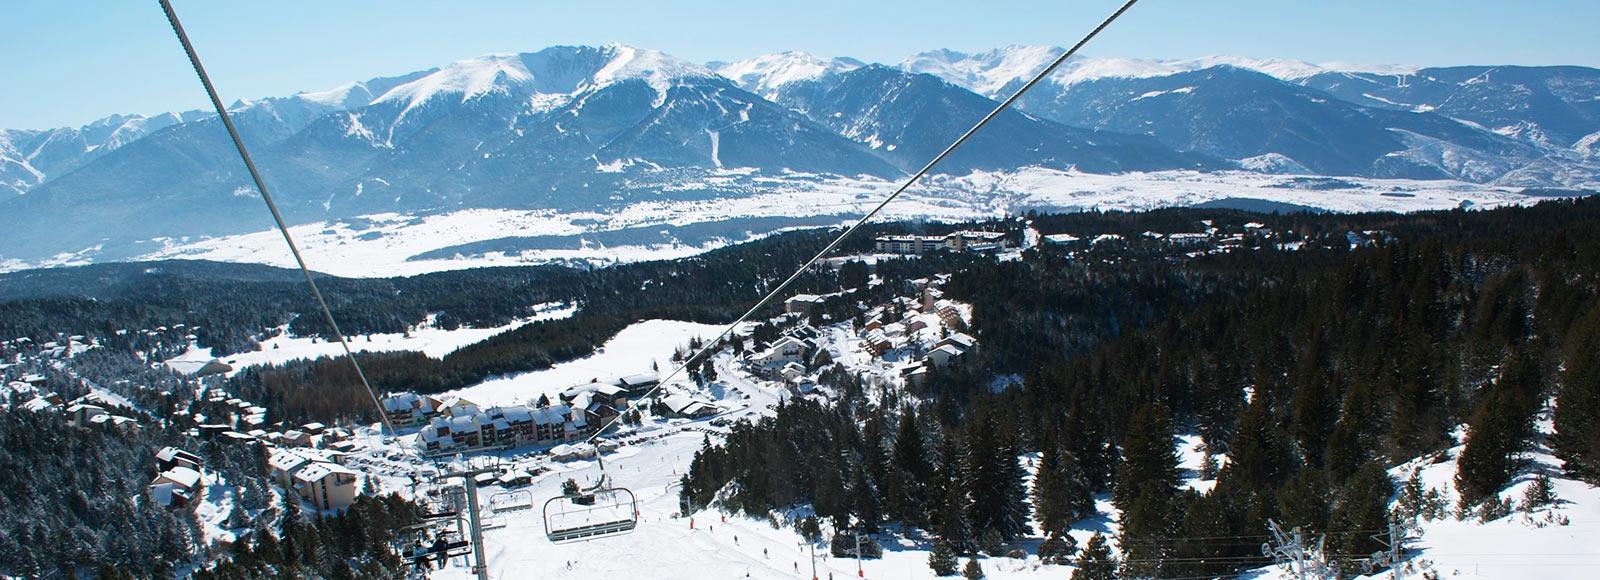 Domaine skiable pyrénées pour les amoureux des pistes